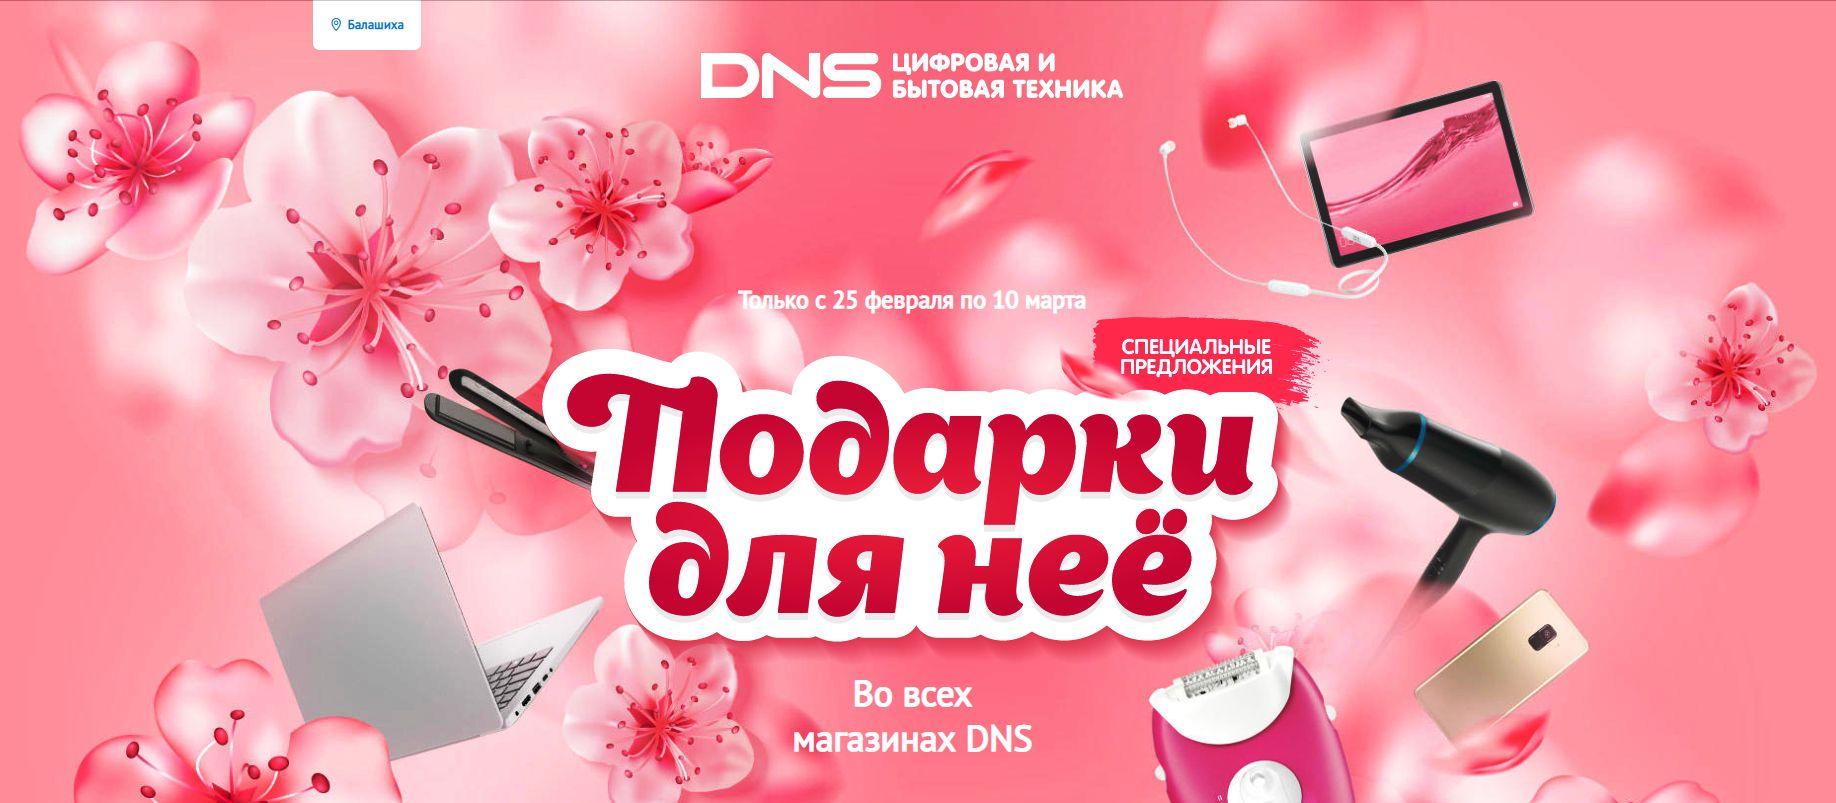 Подарки для неё в DNS Гипер Балашиха